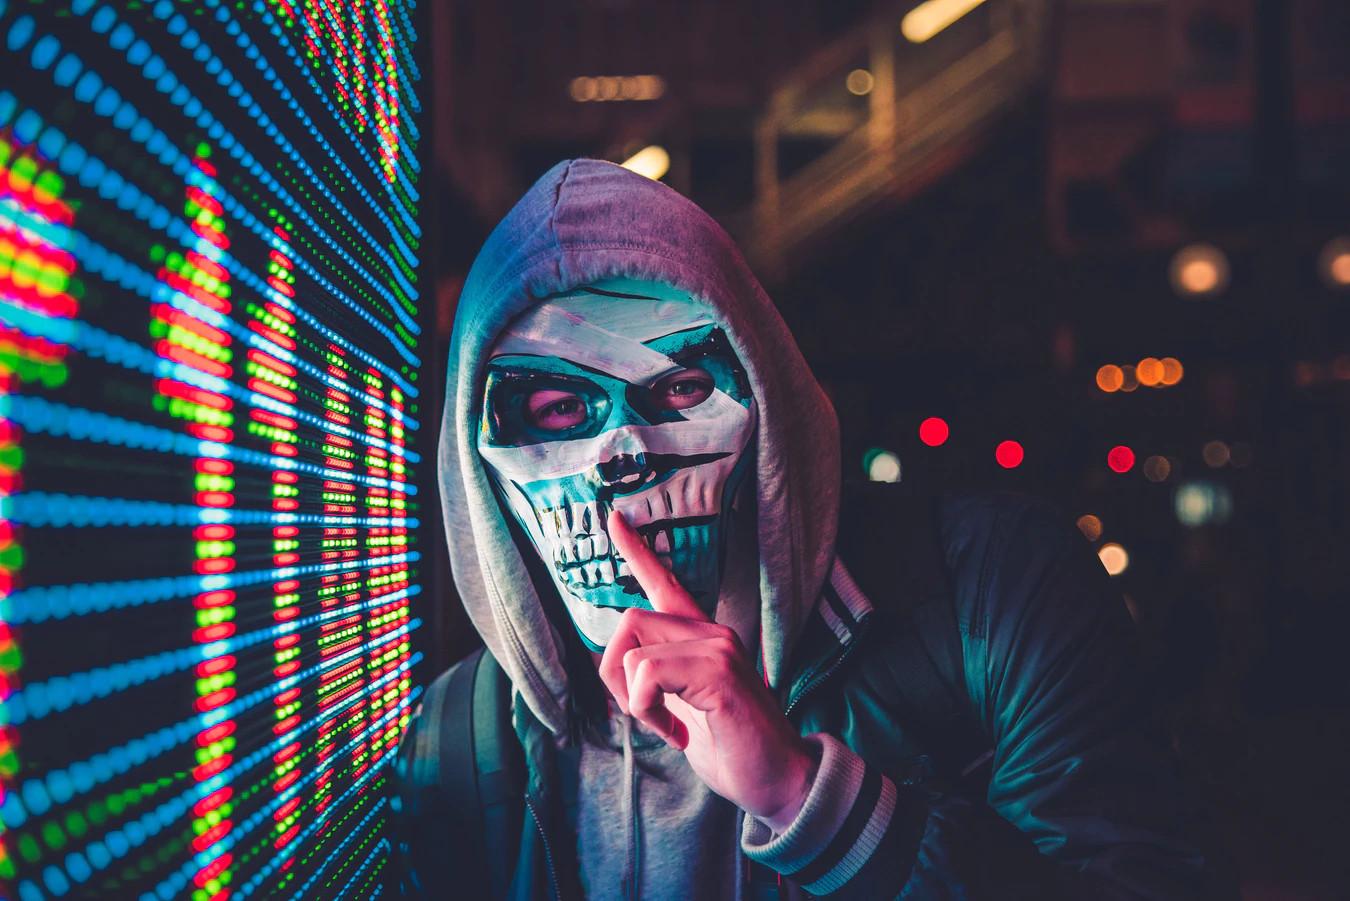 hombre con mascara mexicana y gesto con el dedo de silencio